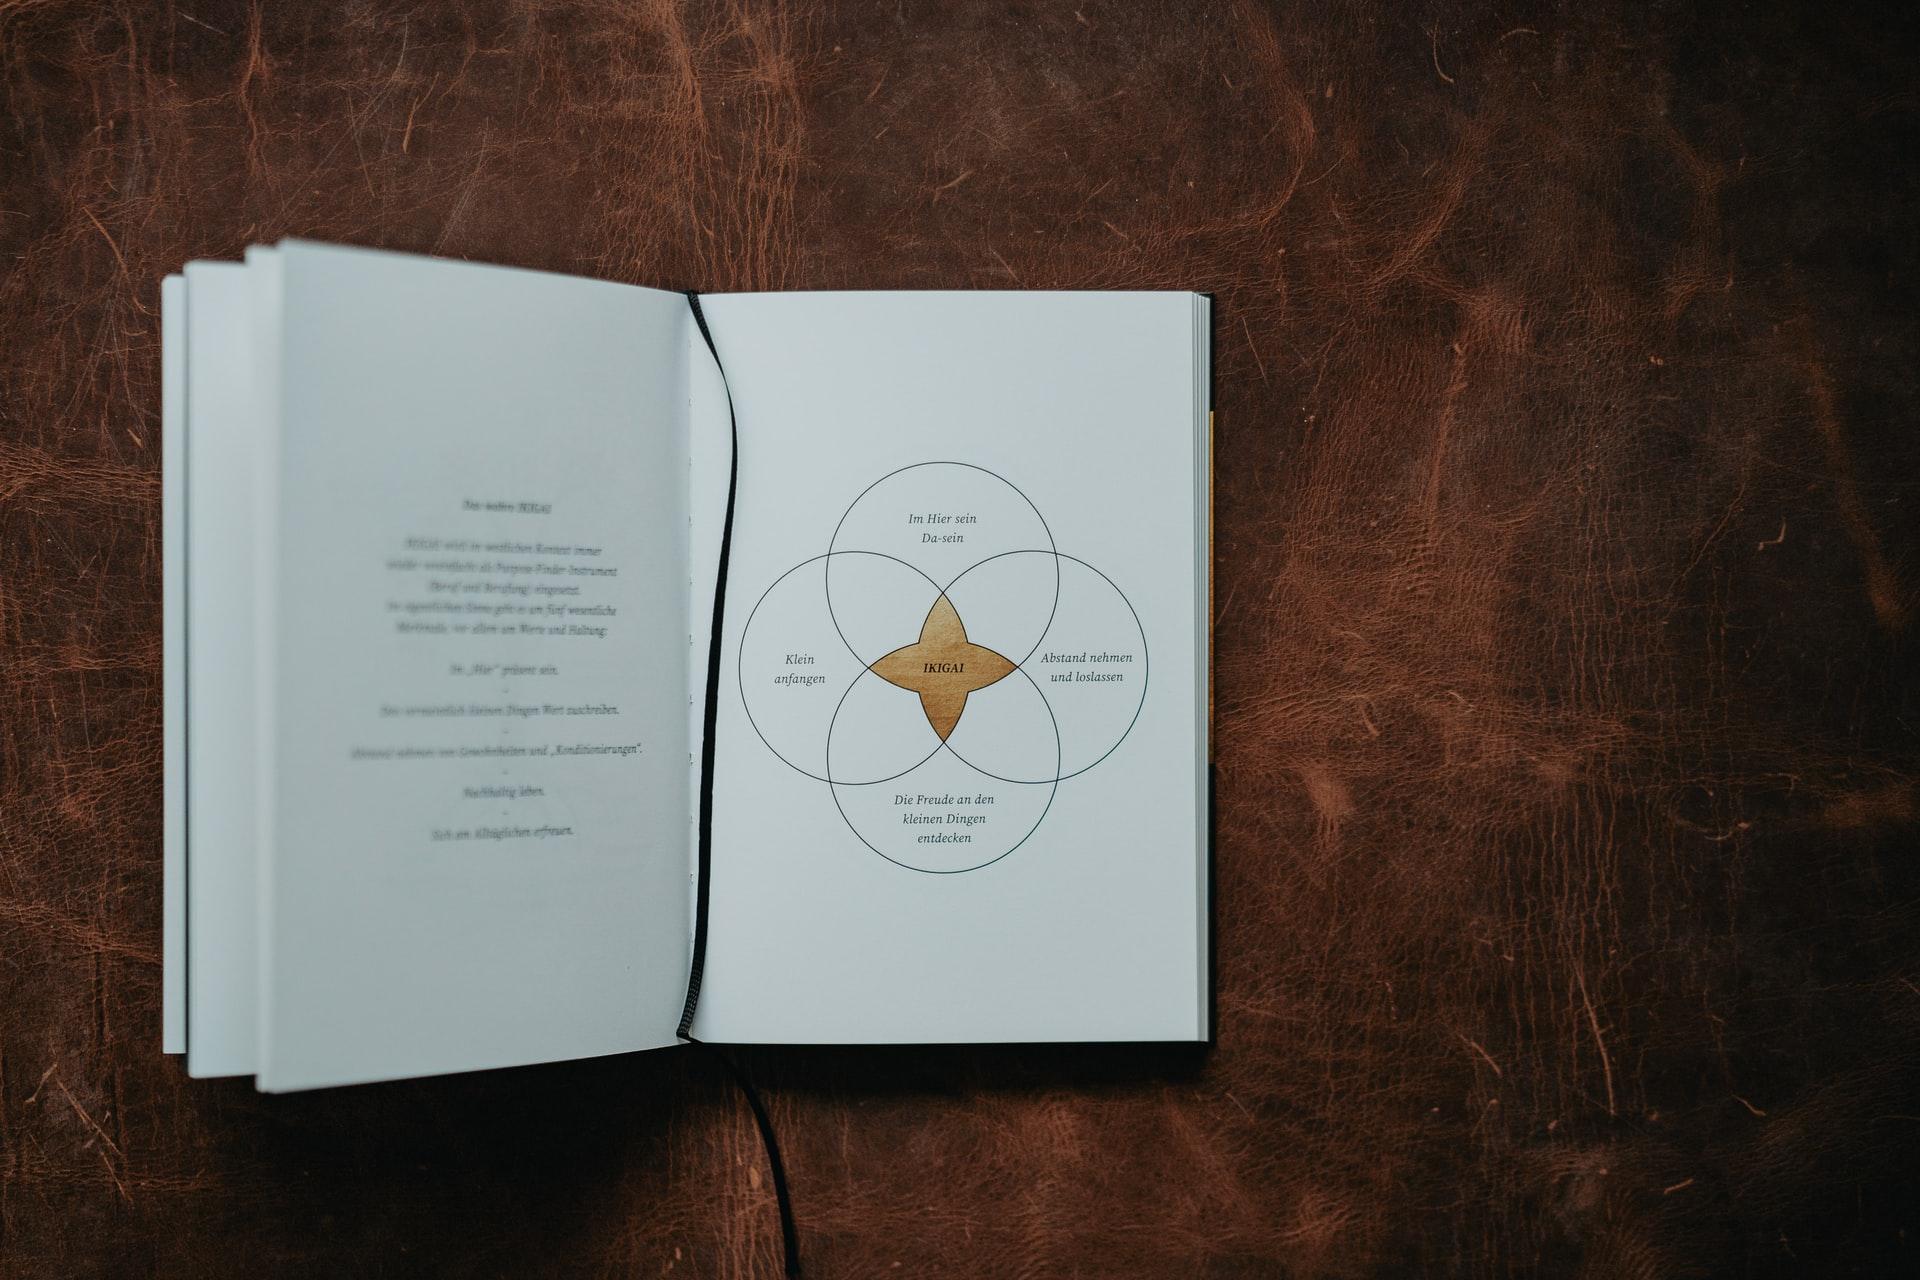 Les cercles de l'ikigaï pour retrouver le sens de la vie